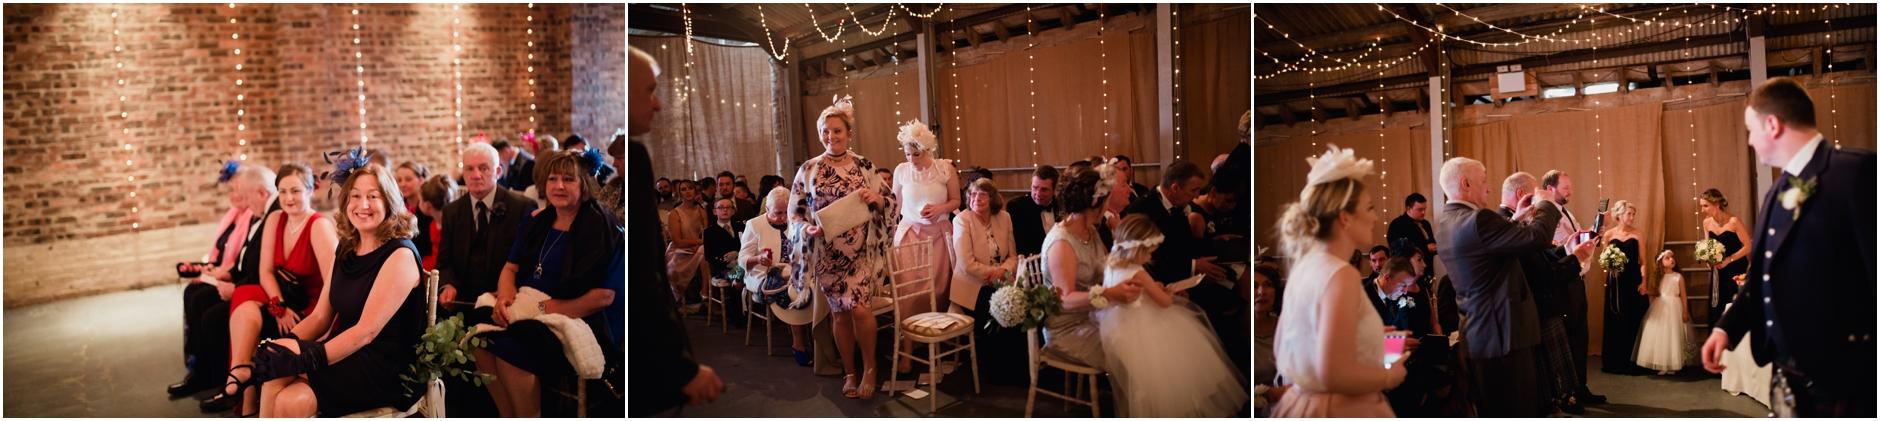 kinkell byre stylish spring barn wedding